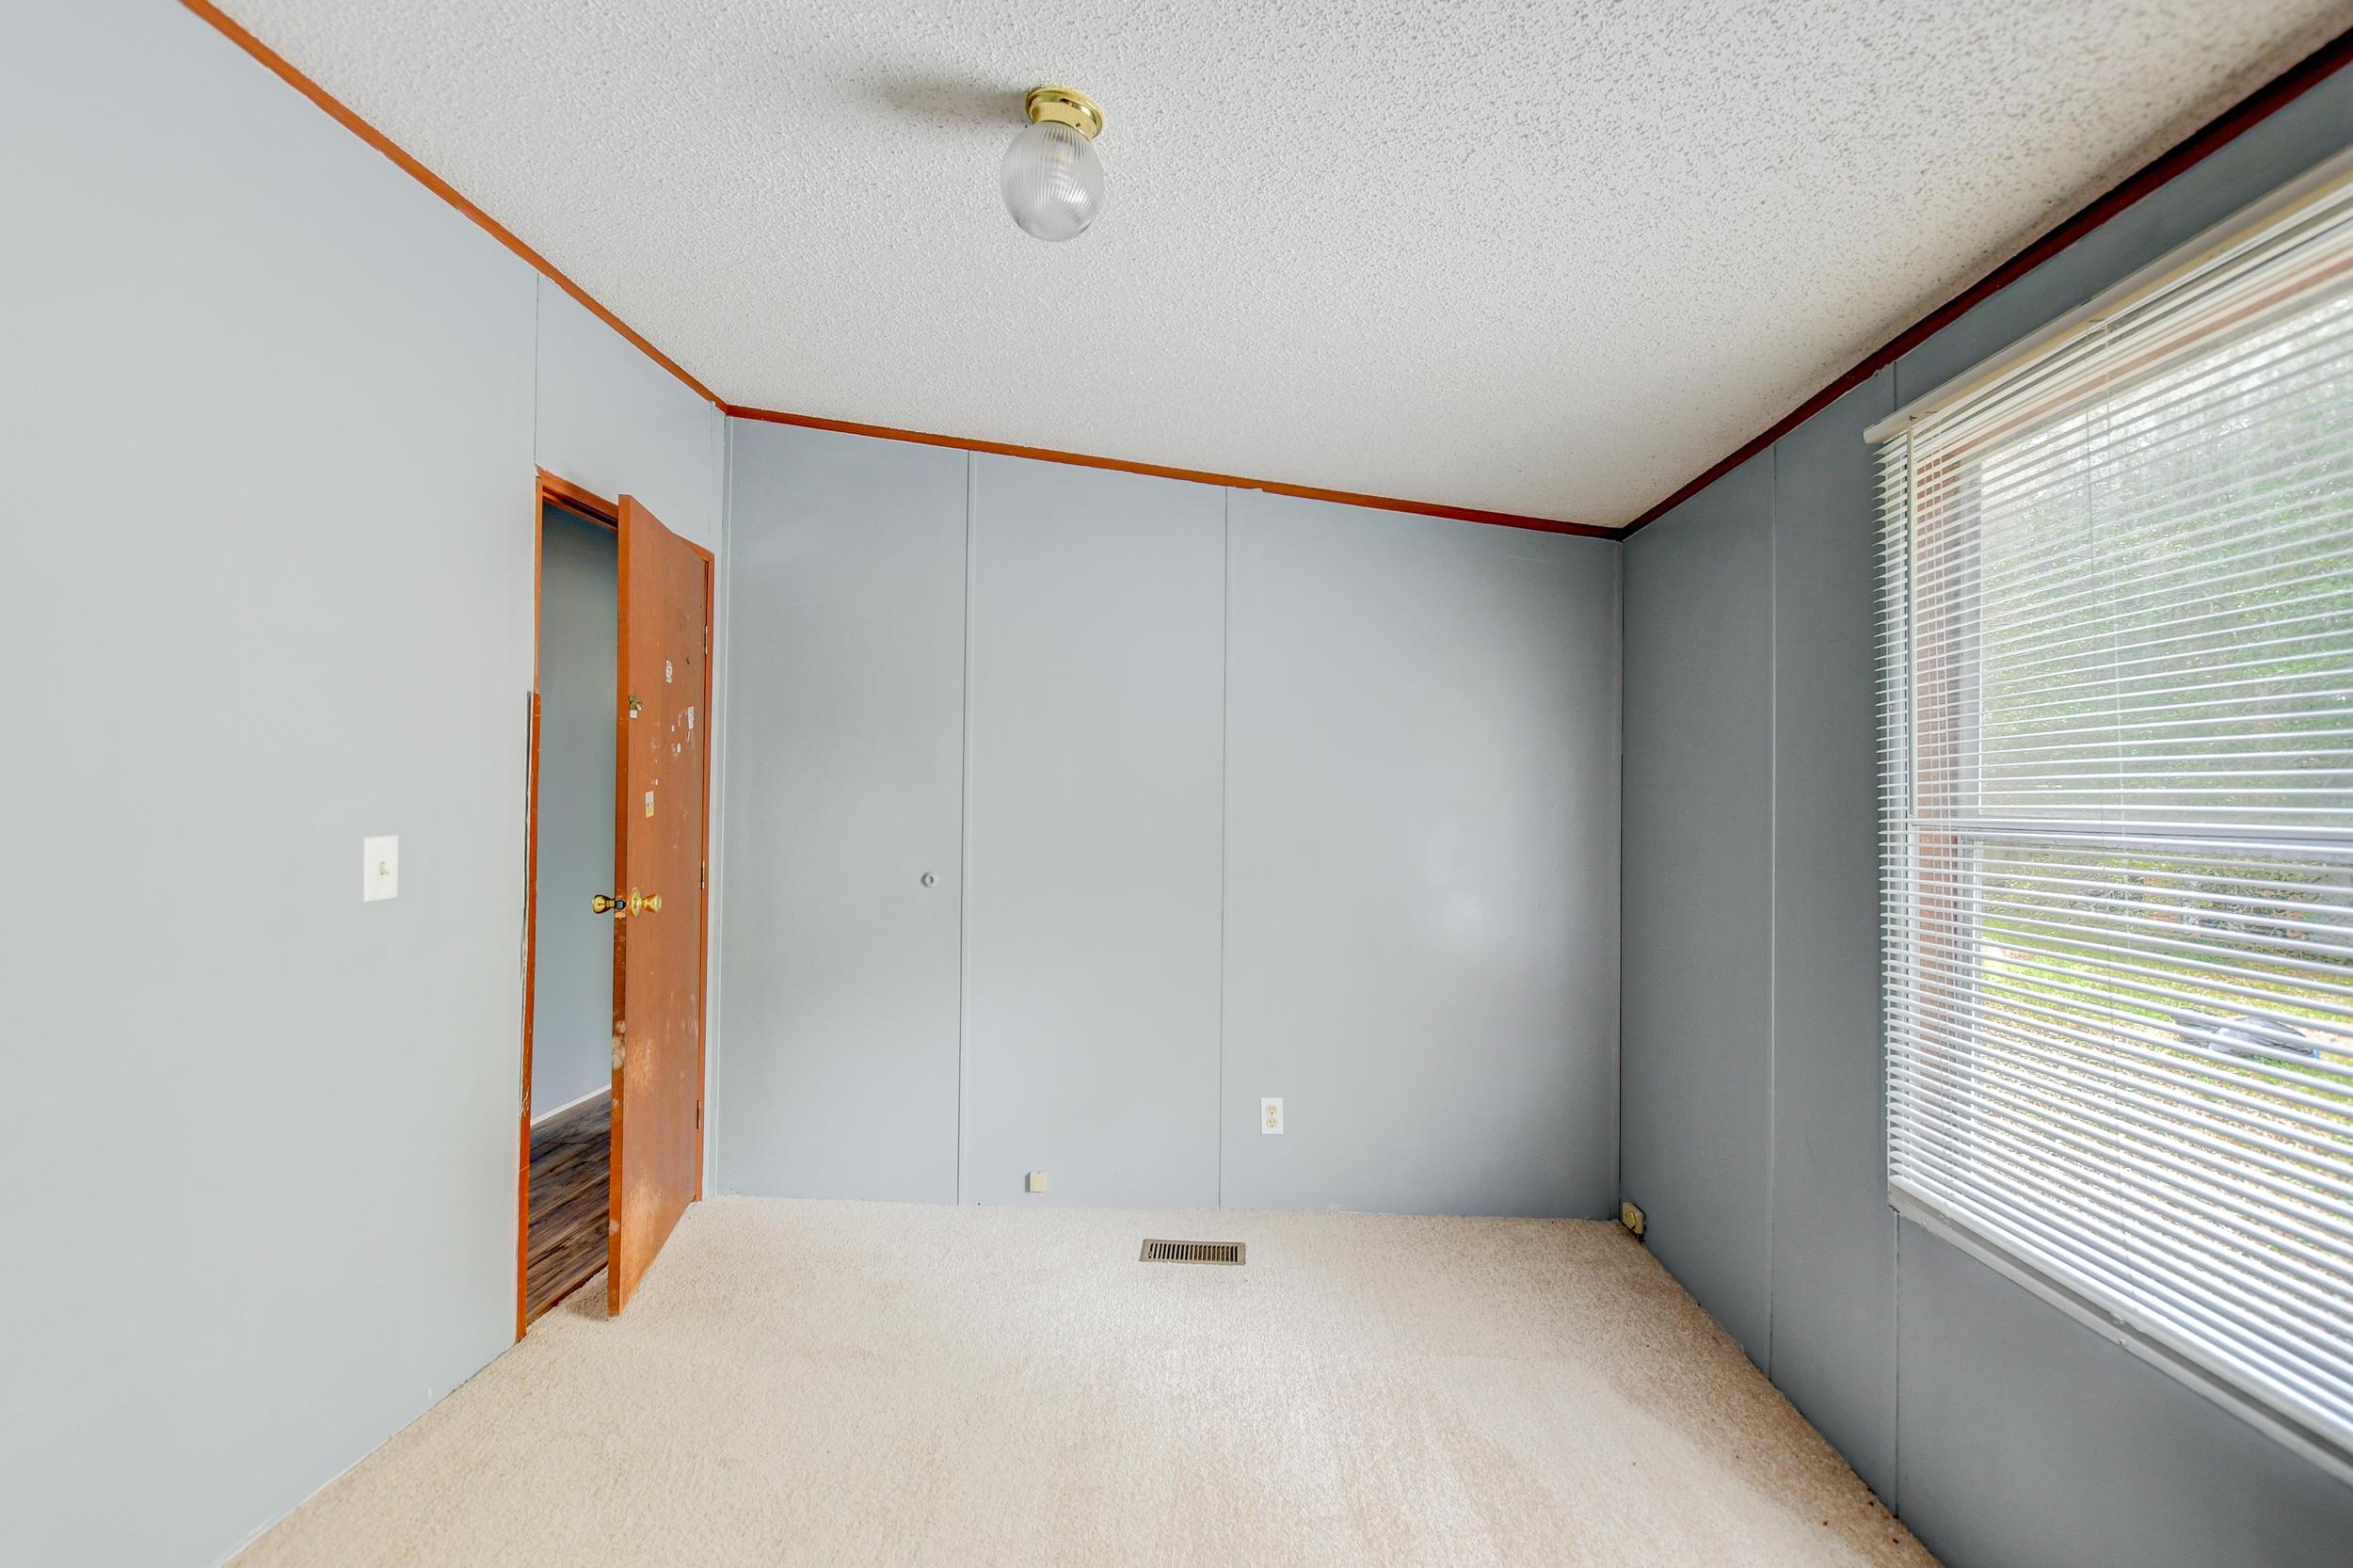 Clemson Terrace Homes For Sale - 123 Colkitt, Summerville, SC - 14